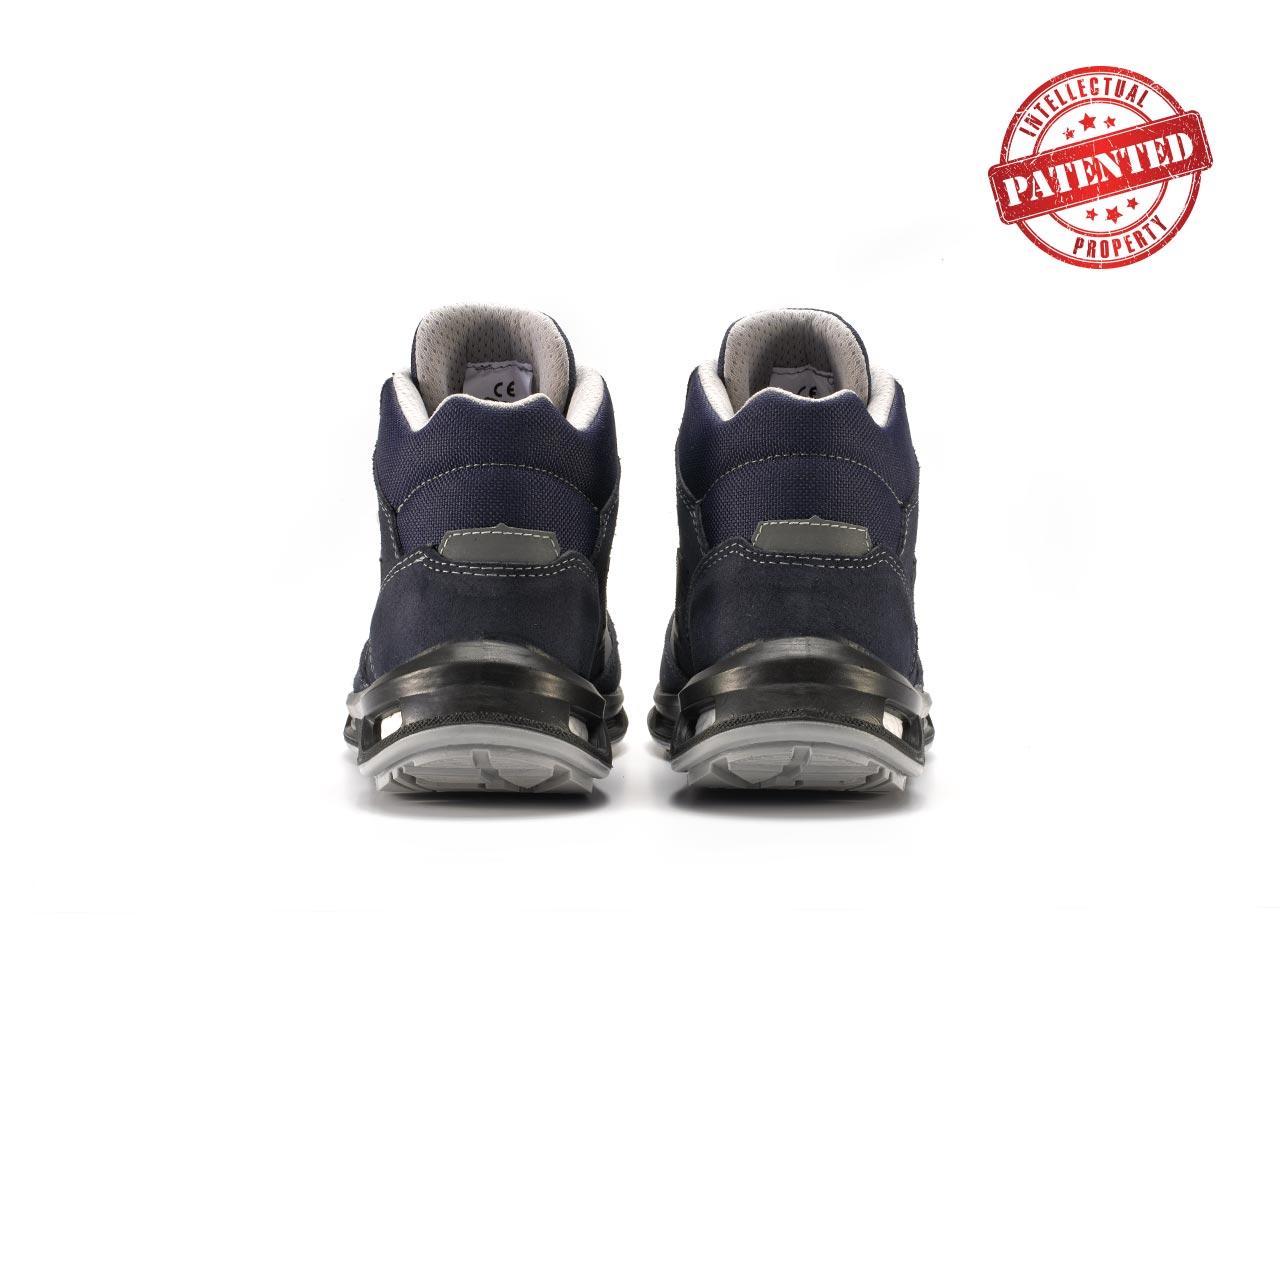 paio di scarpe antinfortunistiche alte upower modello moving linea redlion vista retro